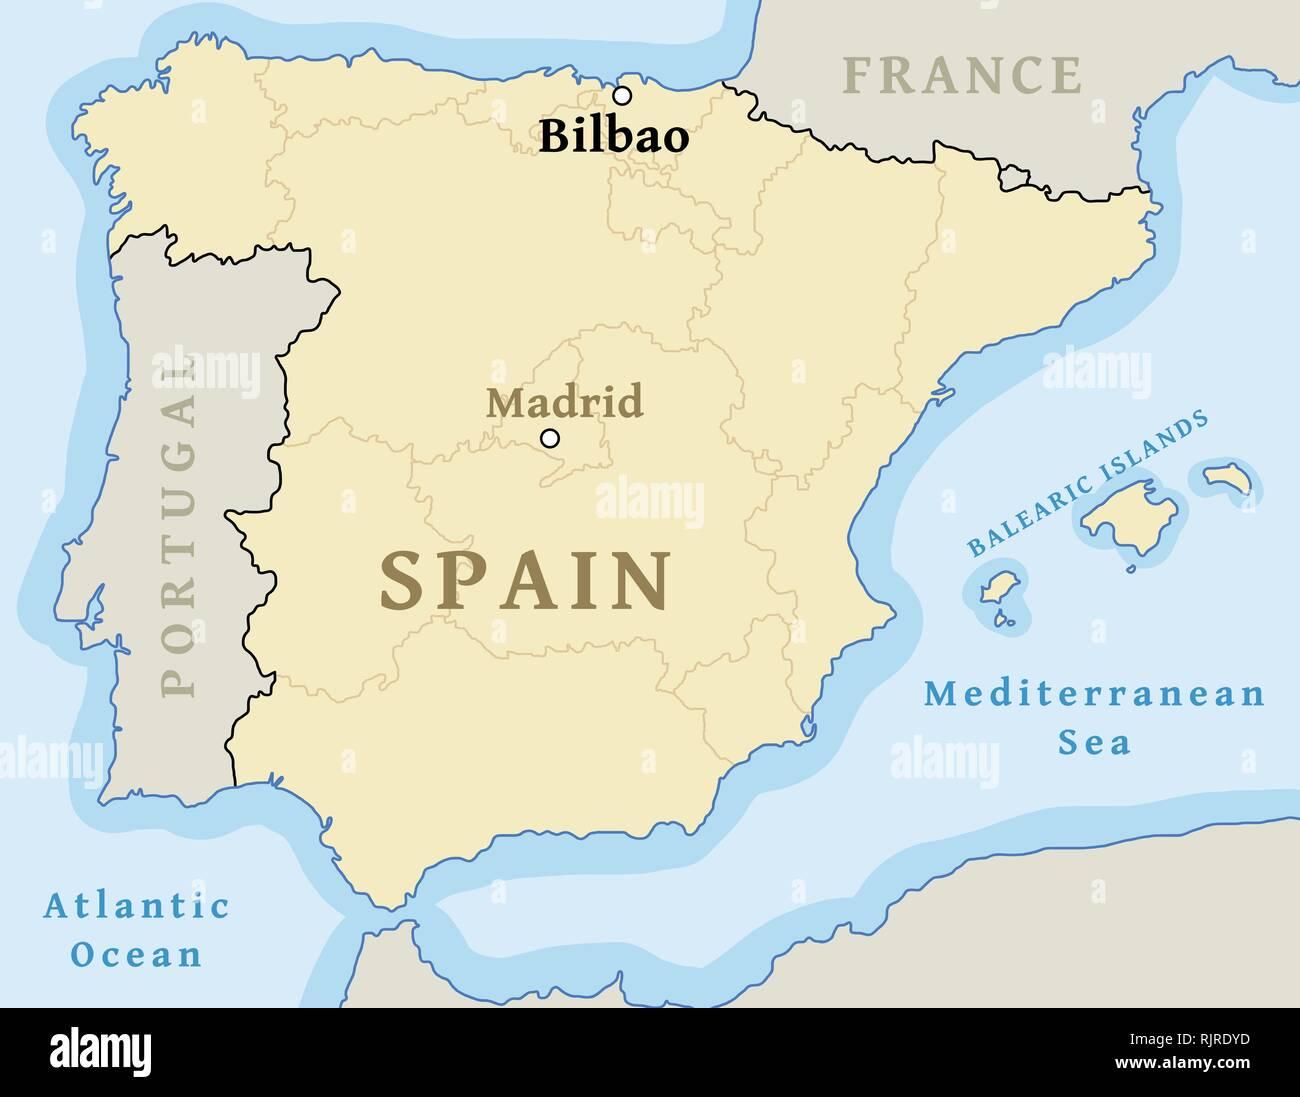 Bilbao Cartina Spagna.Bilbao Posizione Mappa Trovare Citta Sulla Mappa Di Spagna Illustrazione Vettoriale Immagine E Vettoriale Alamy